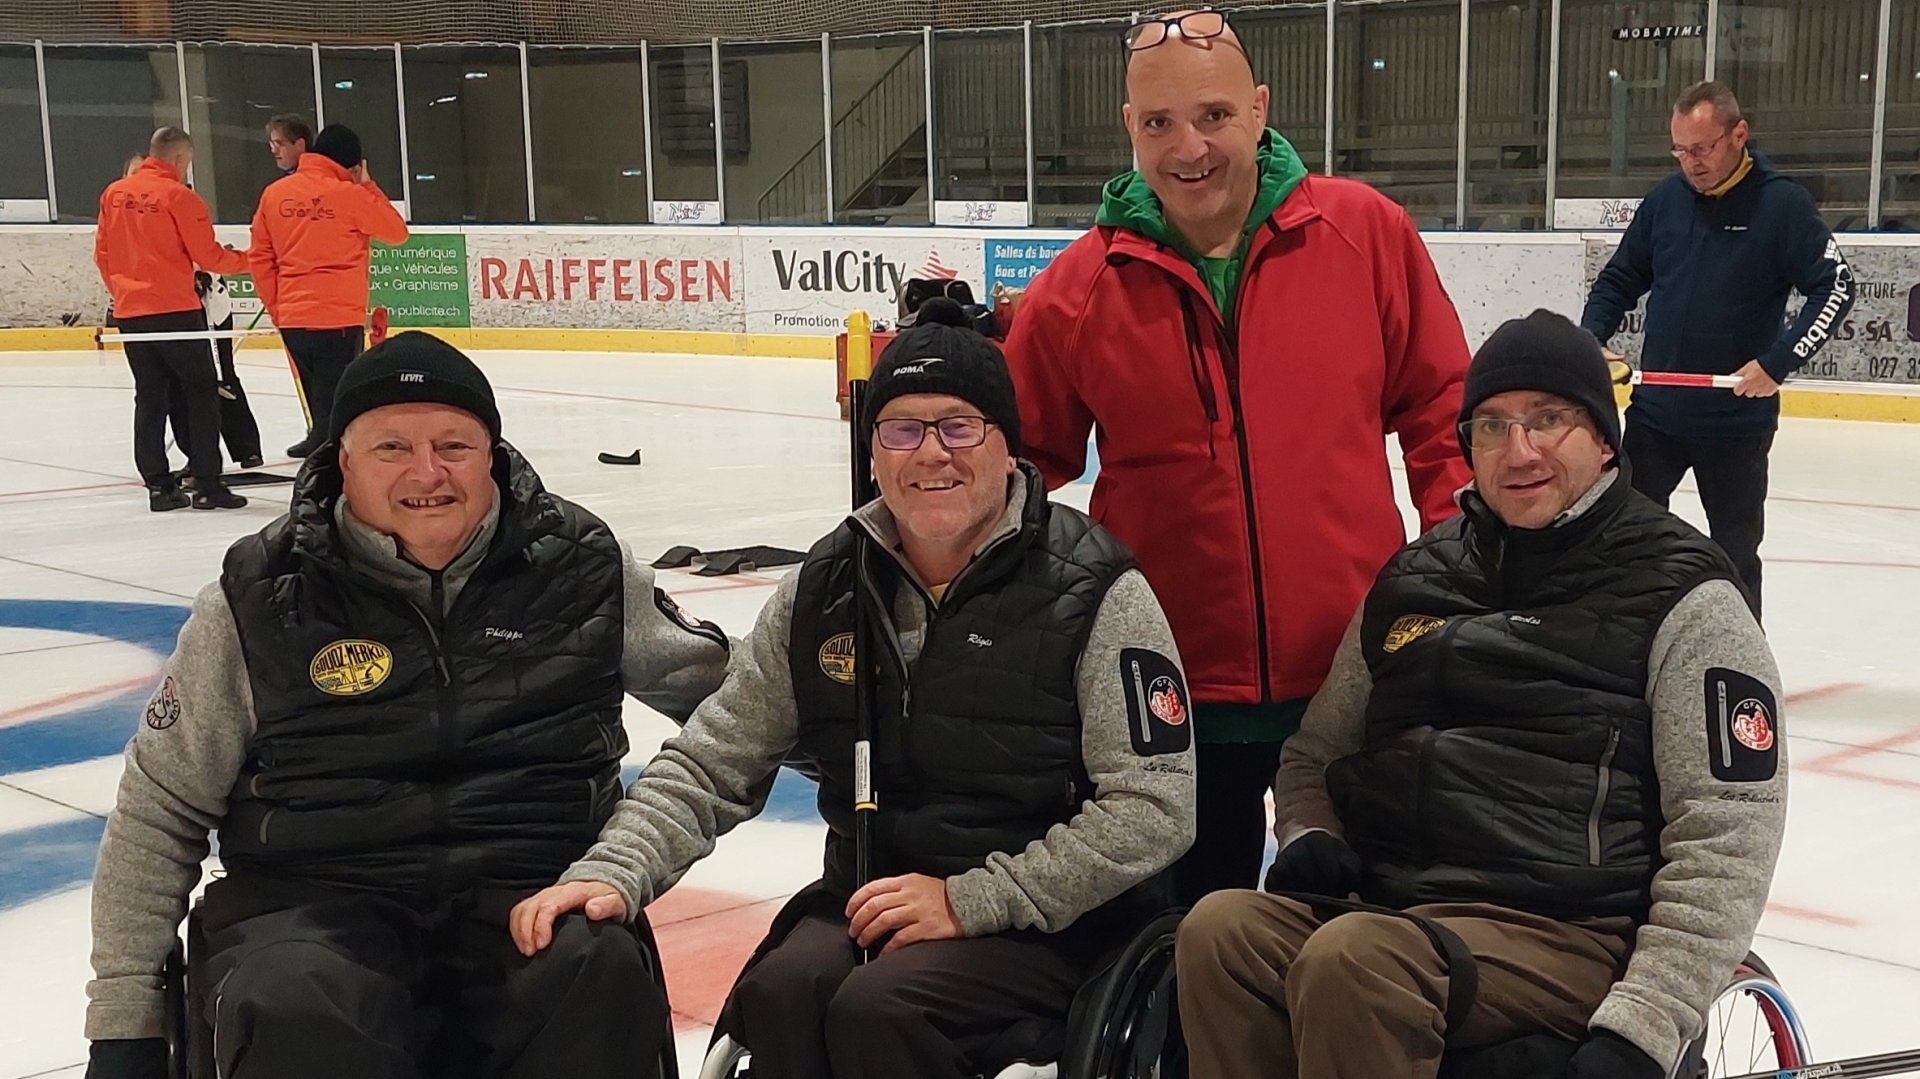 Greg Savioz, secrétaire général du Curling-Club de Sion (debout) et une partie de l'équipe des Rollators avec Philippe Moerch, Régis Dessimoz et Nicolas Arlettaz (de gauche à droite).